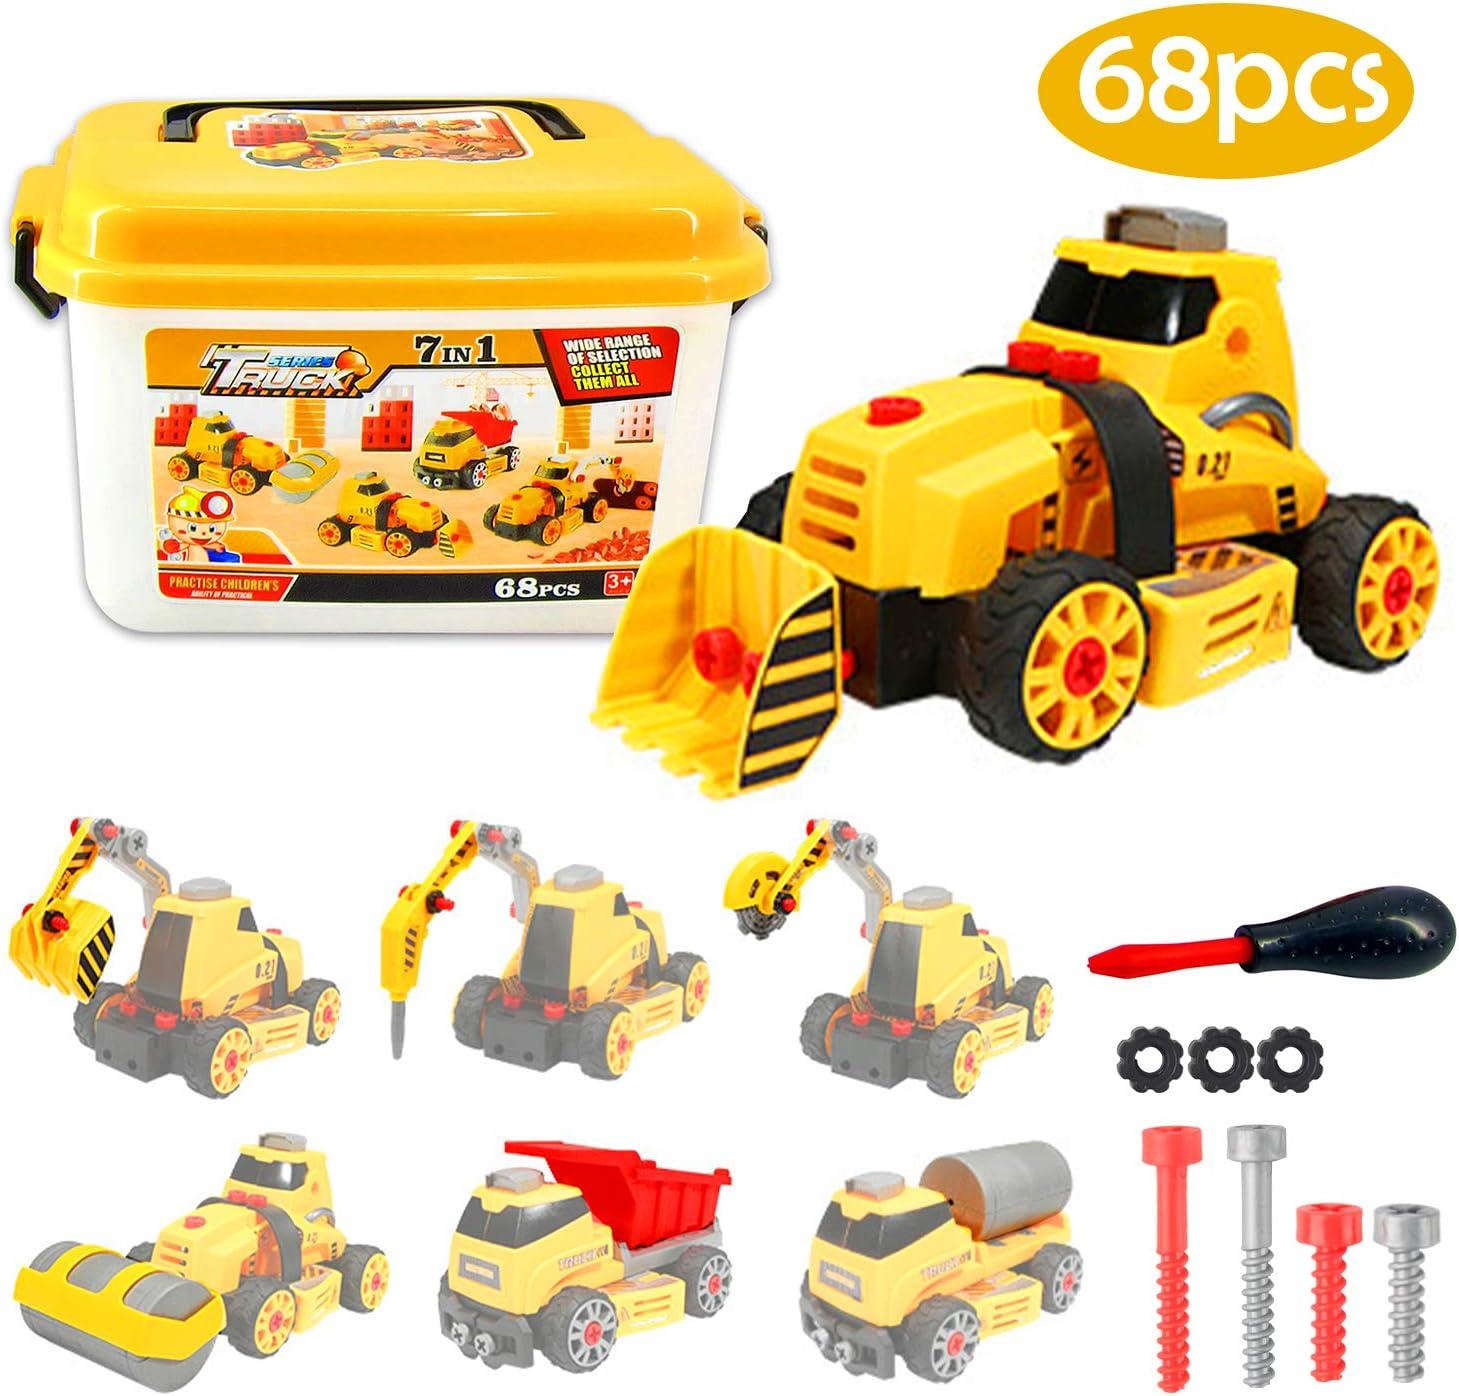 Camión de construcción DIY Stem Coche de Juguete in Scatola 7 en 1 Desmontar y Ensamblar Vehiculos para Niño y Niña de 3 Años, 68 Piezas